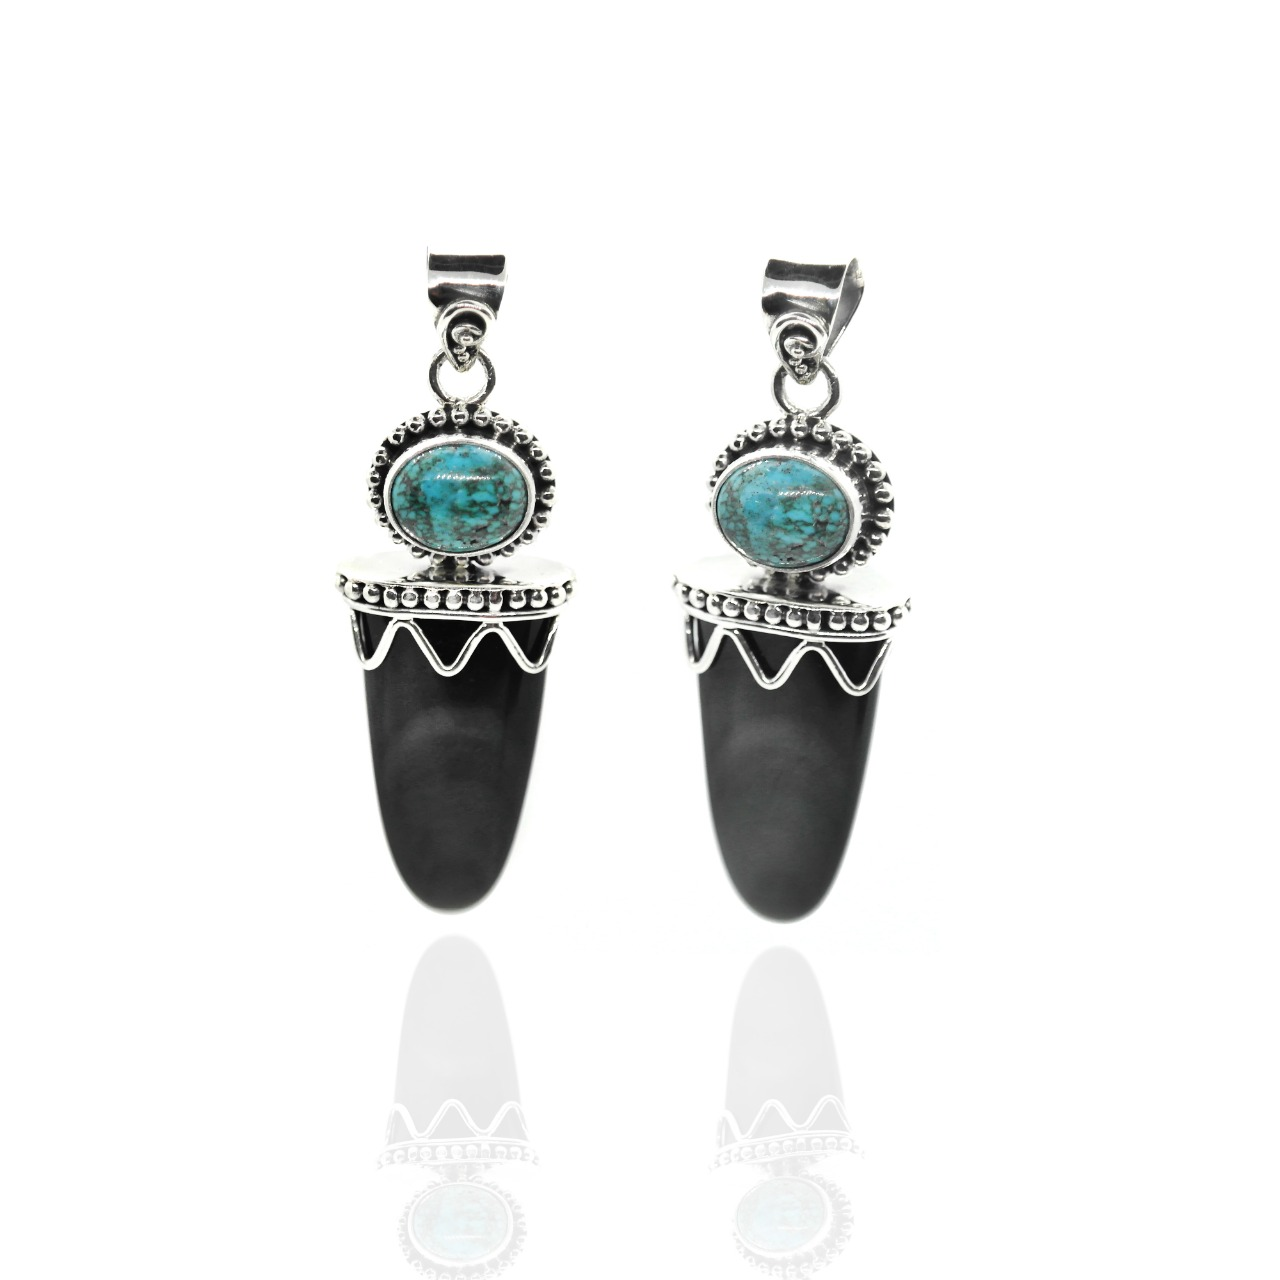 Rainbow Obsidian and Turquoise pendant – (ADB5)